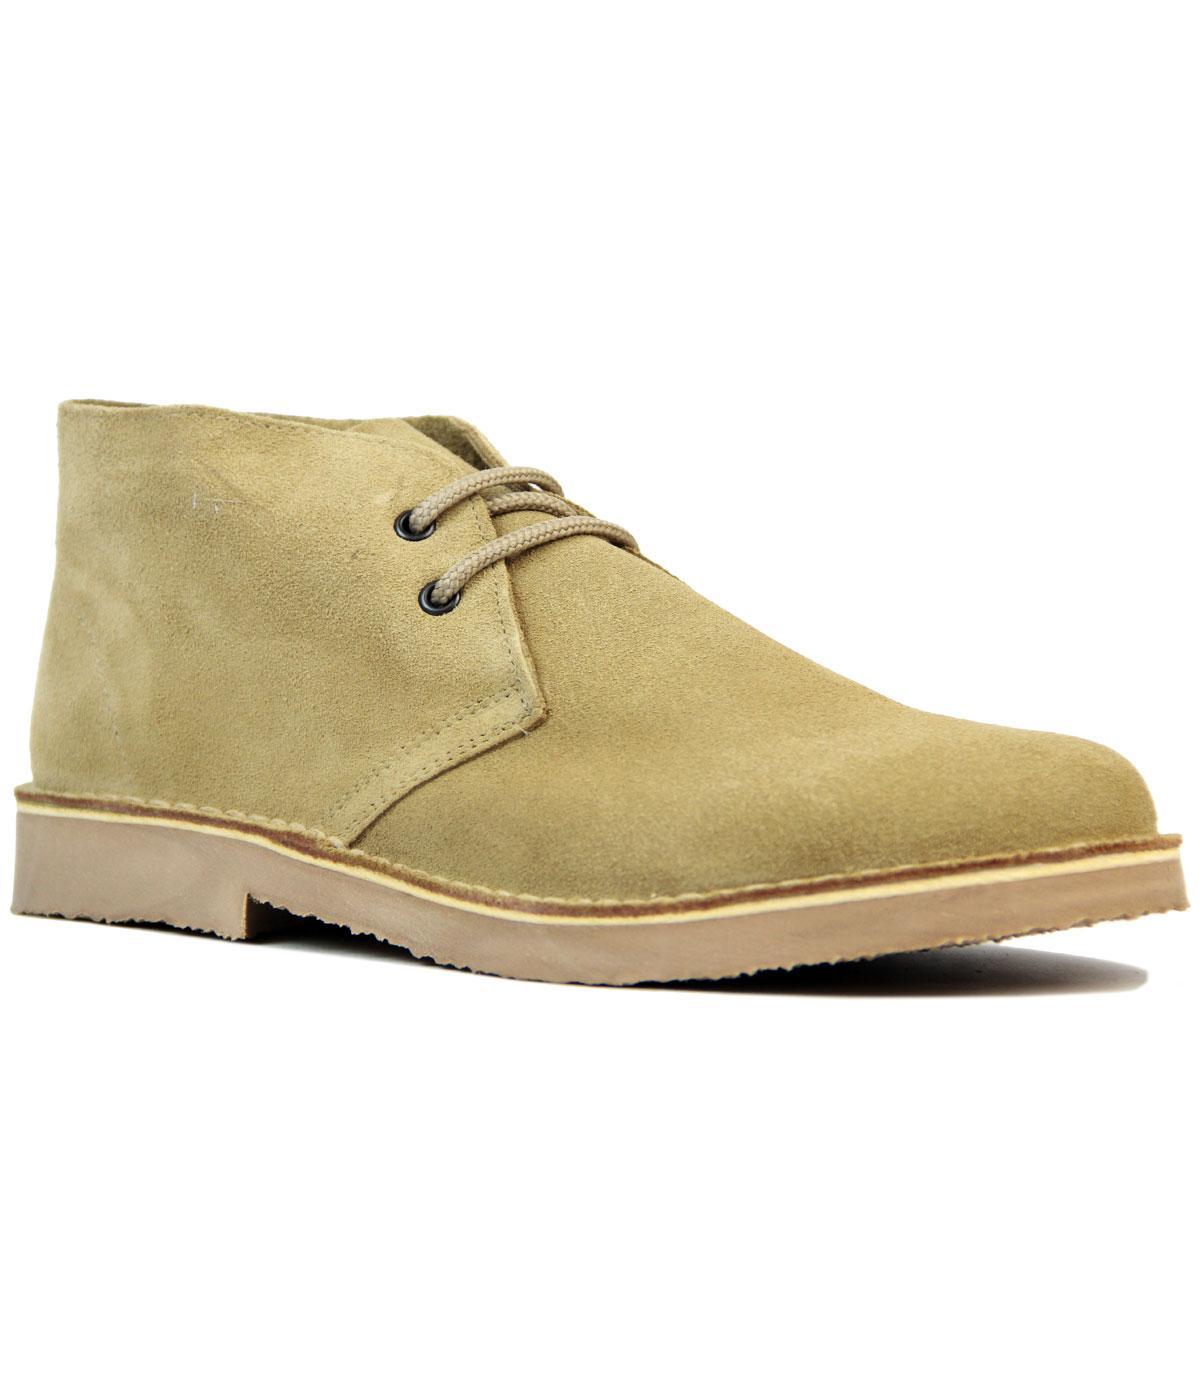 Cooper Men's Retro Mod Indie Desert Boots in Camel